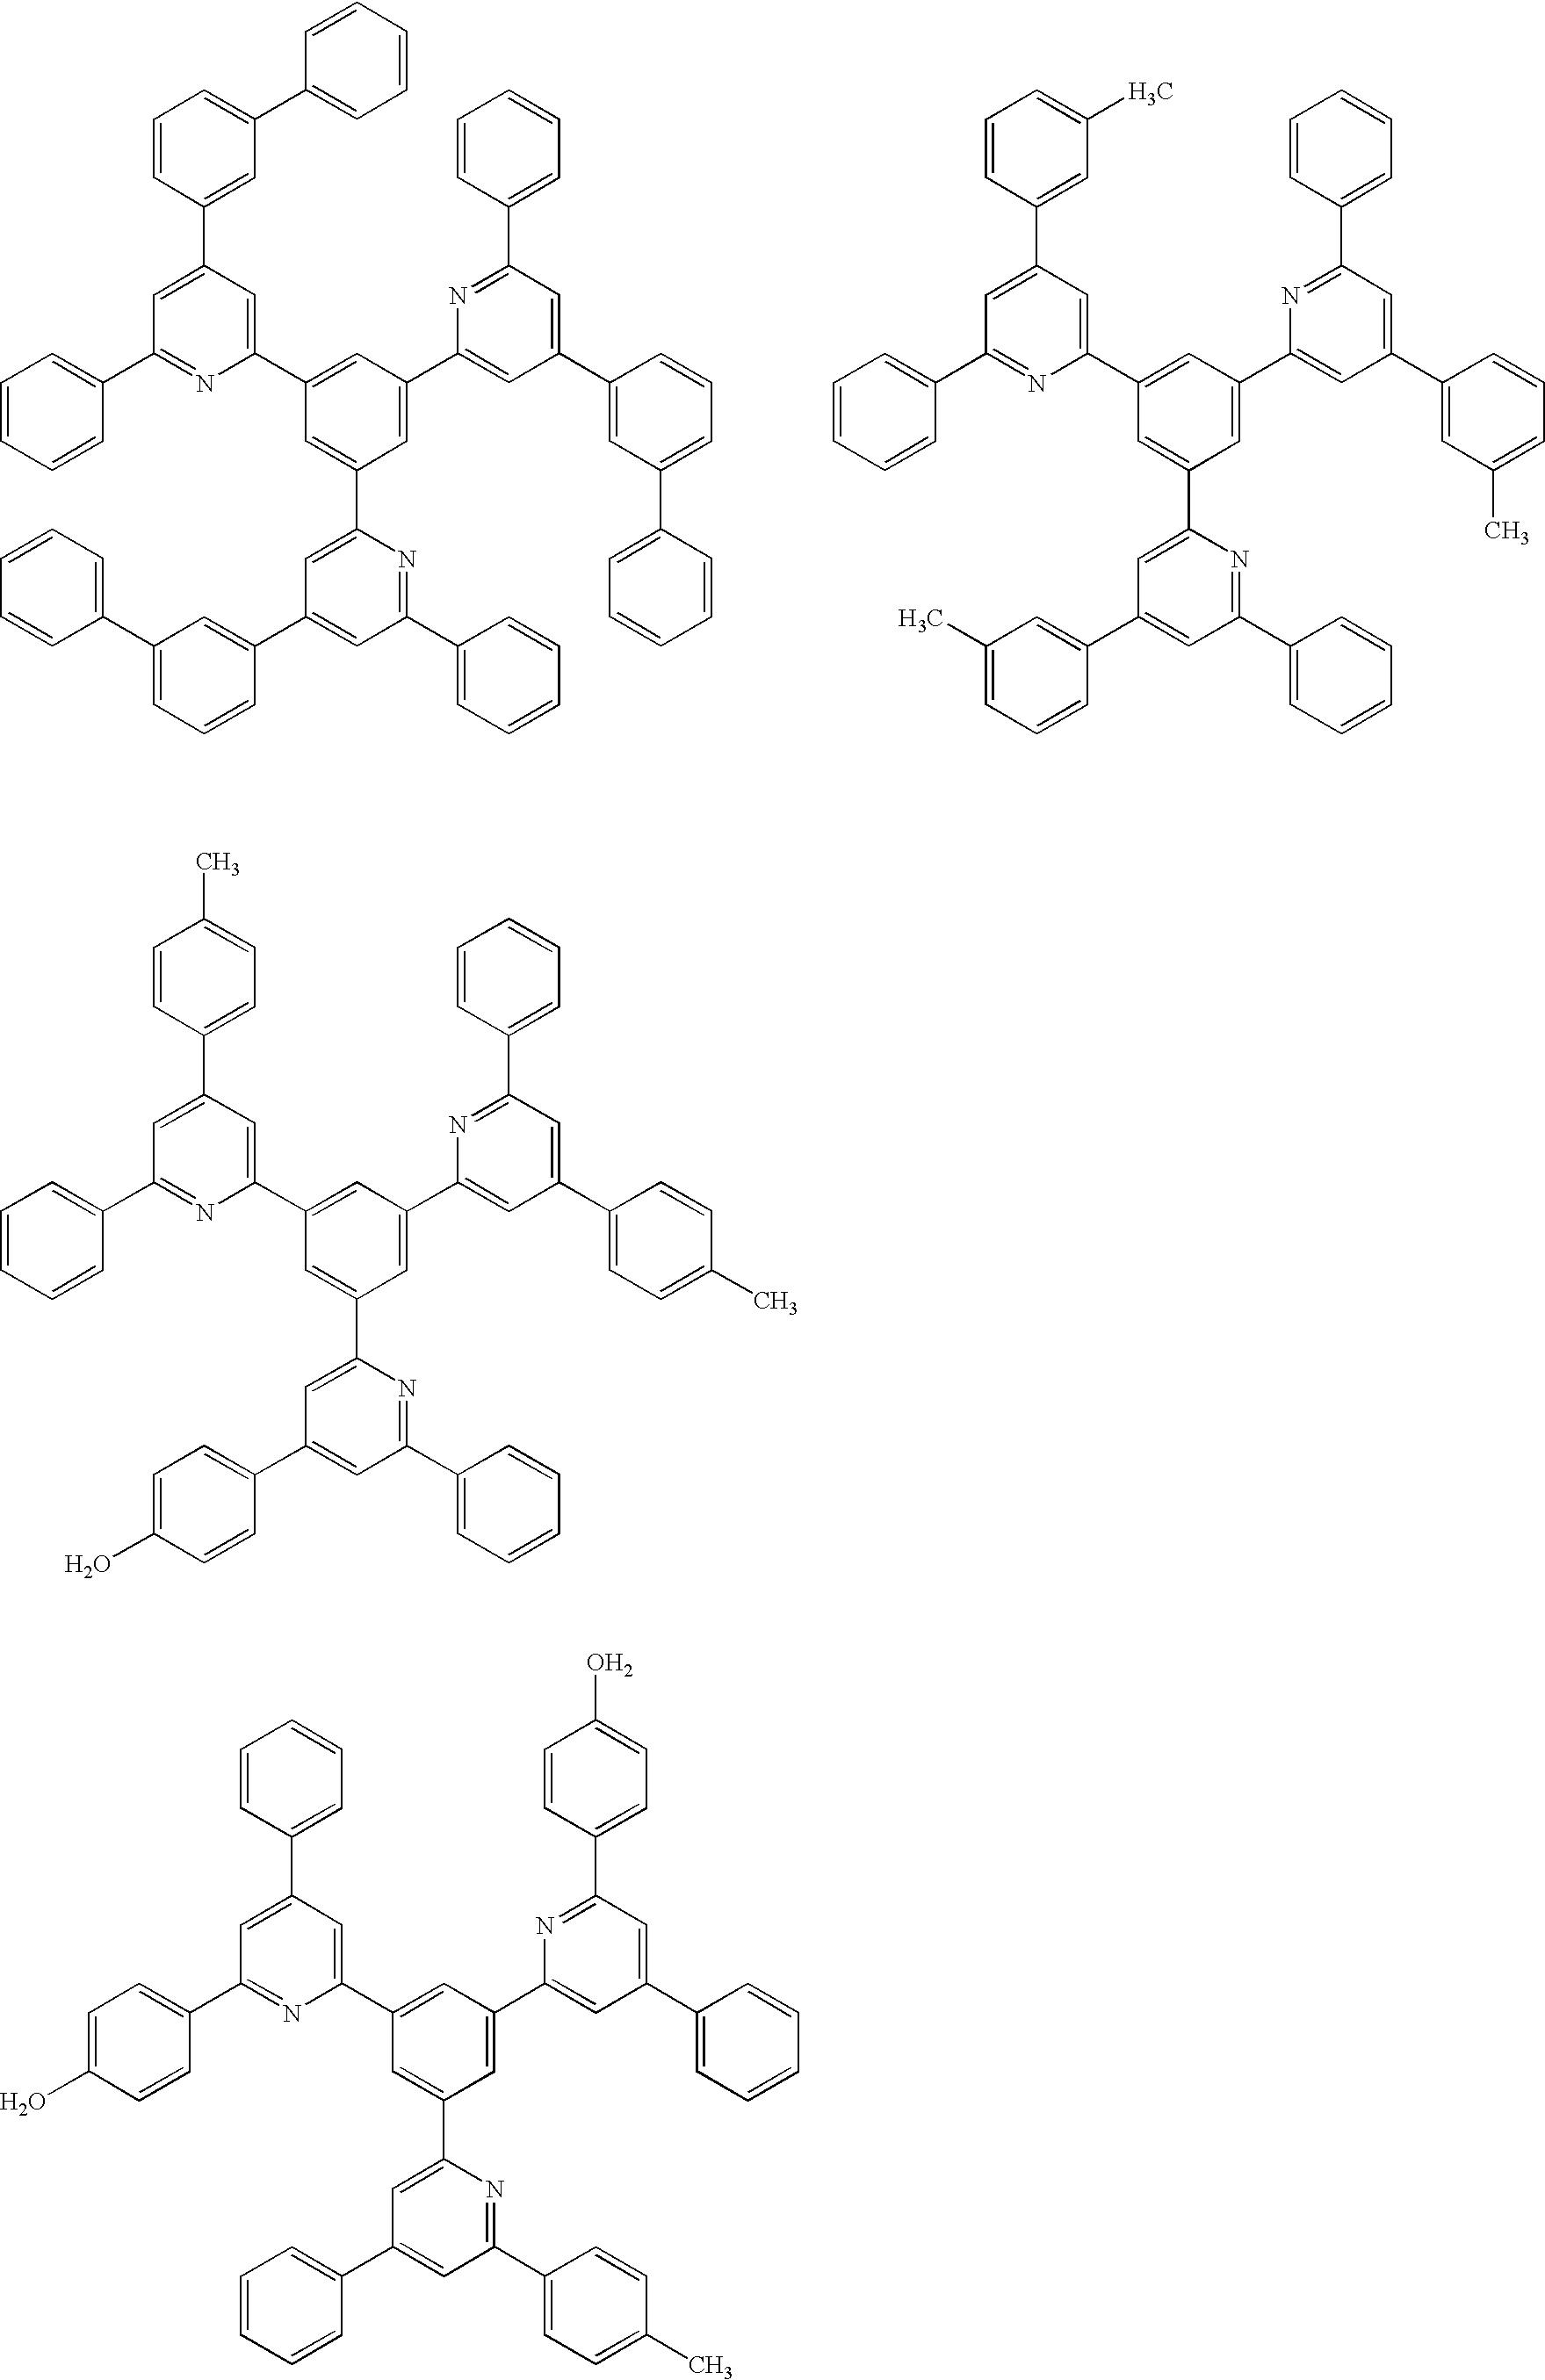 Figure US20060186796A1-20060824-C00055